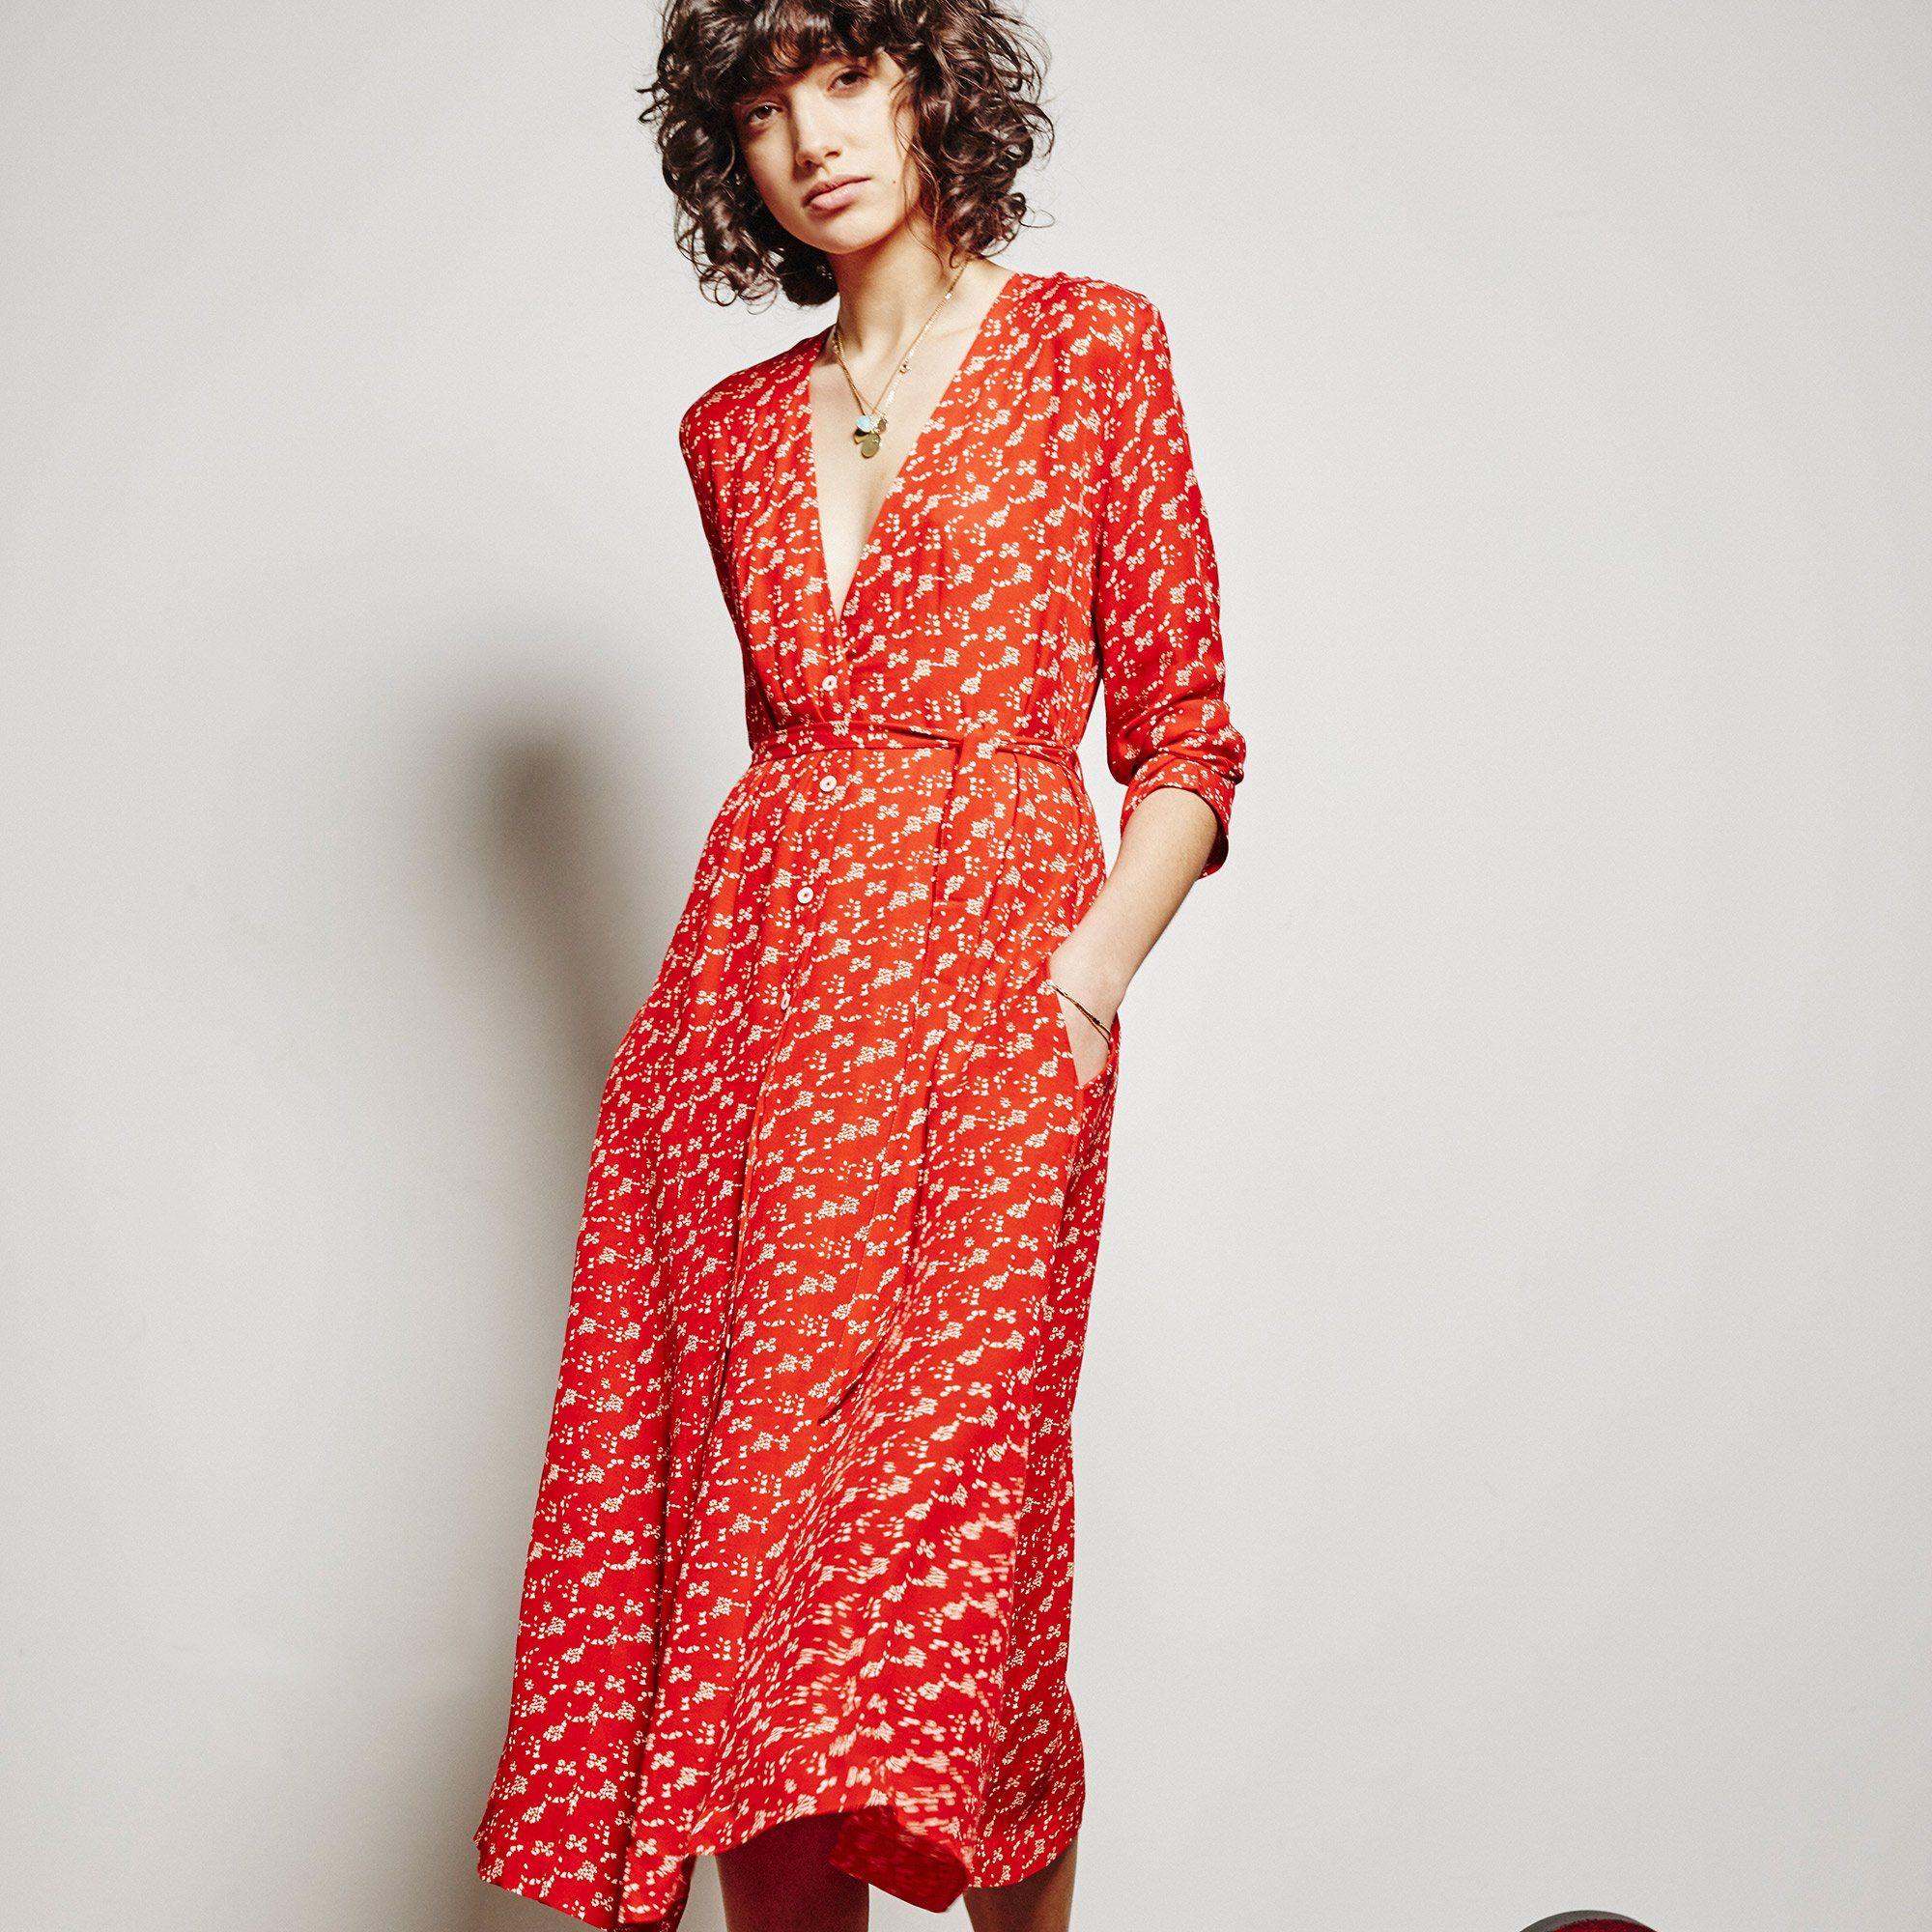 bc12e788f8 50 robes d'été qu'il vous faut absolument | être chic en été | Robe ...